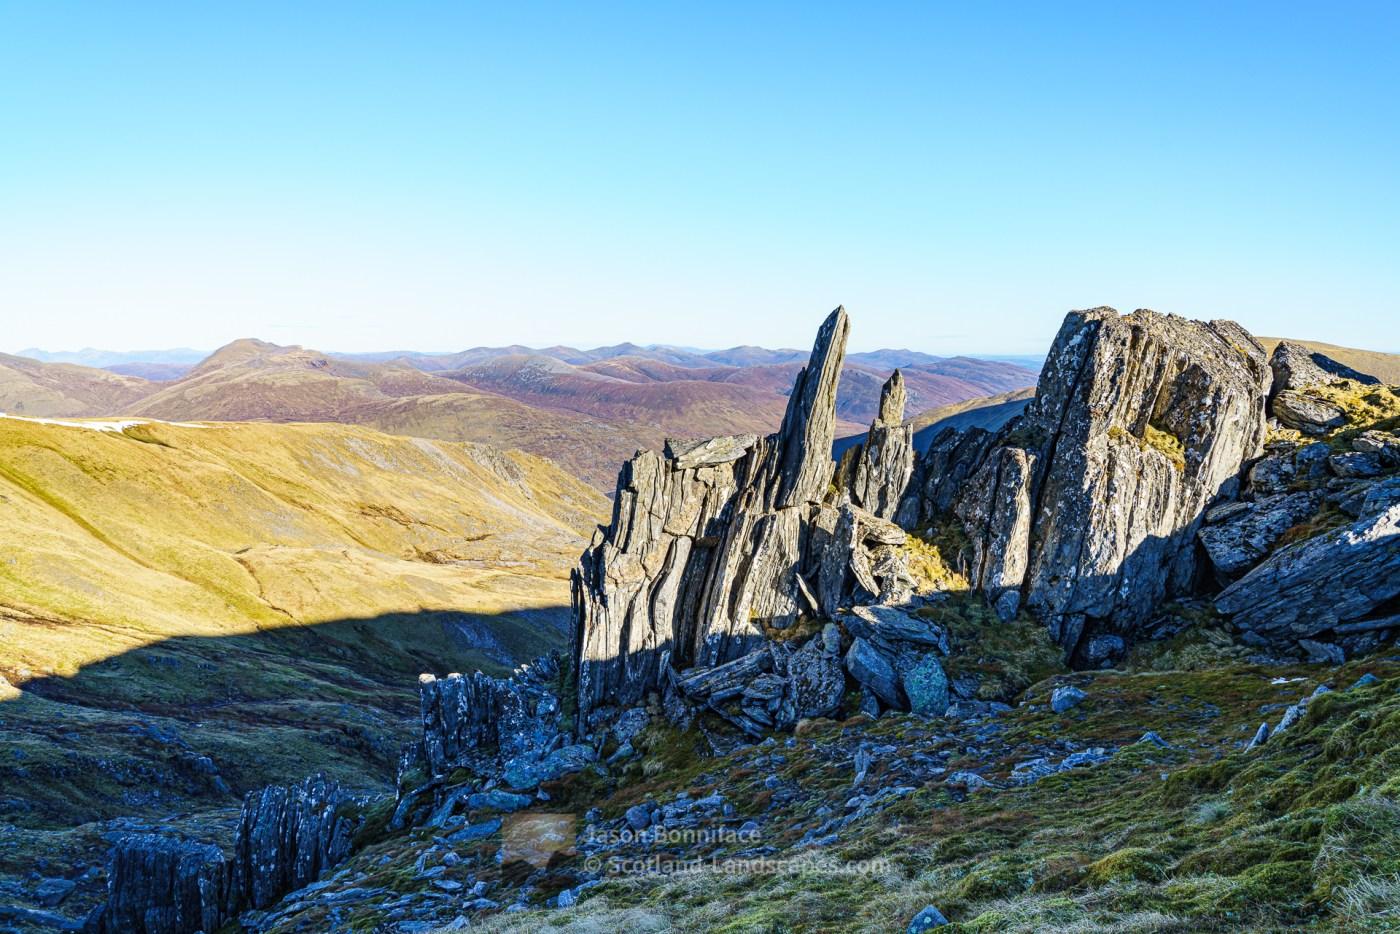 Bare Bones of the Earth - Stob Coire Dhomhnuill - 2, Glen Affric